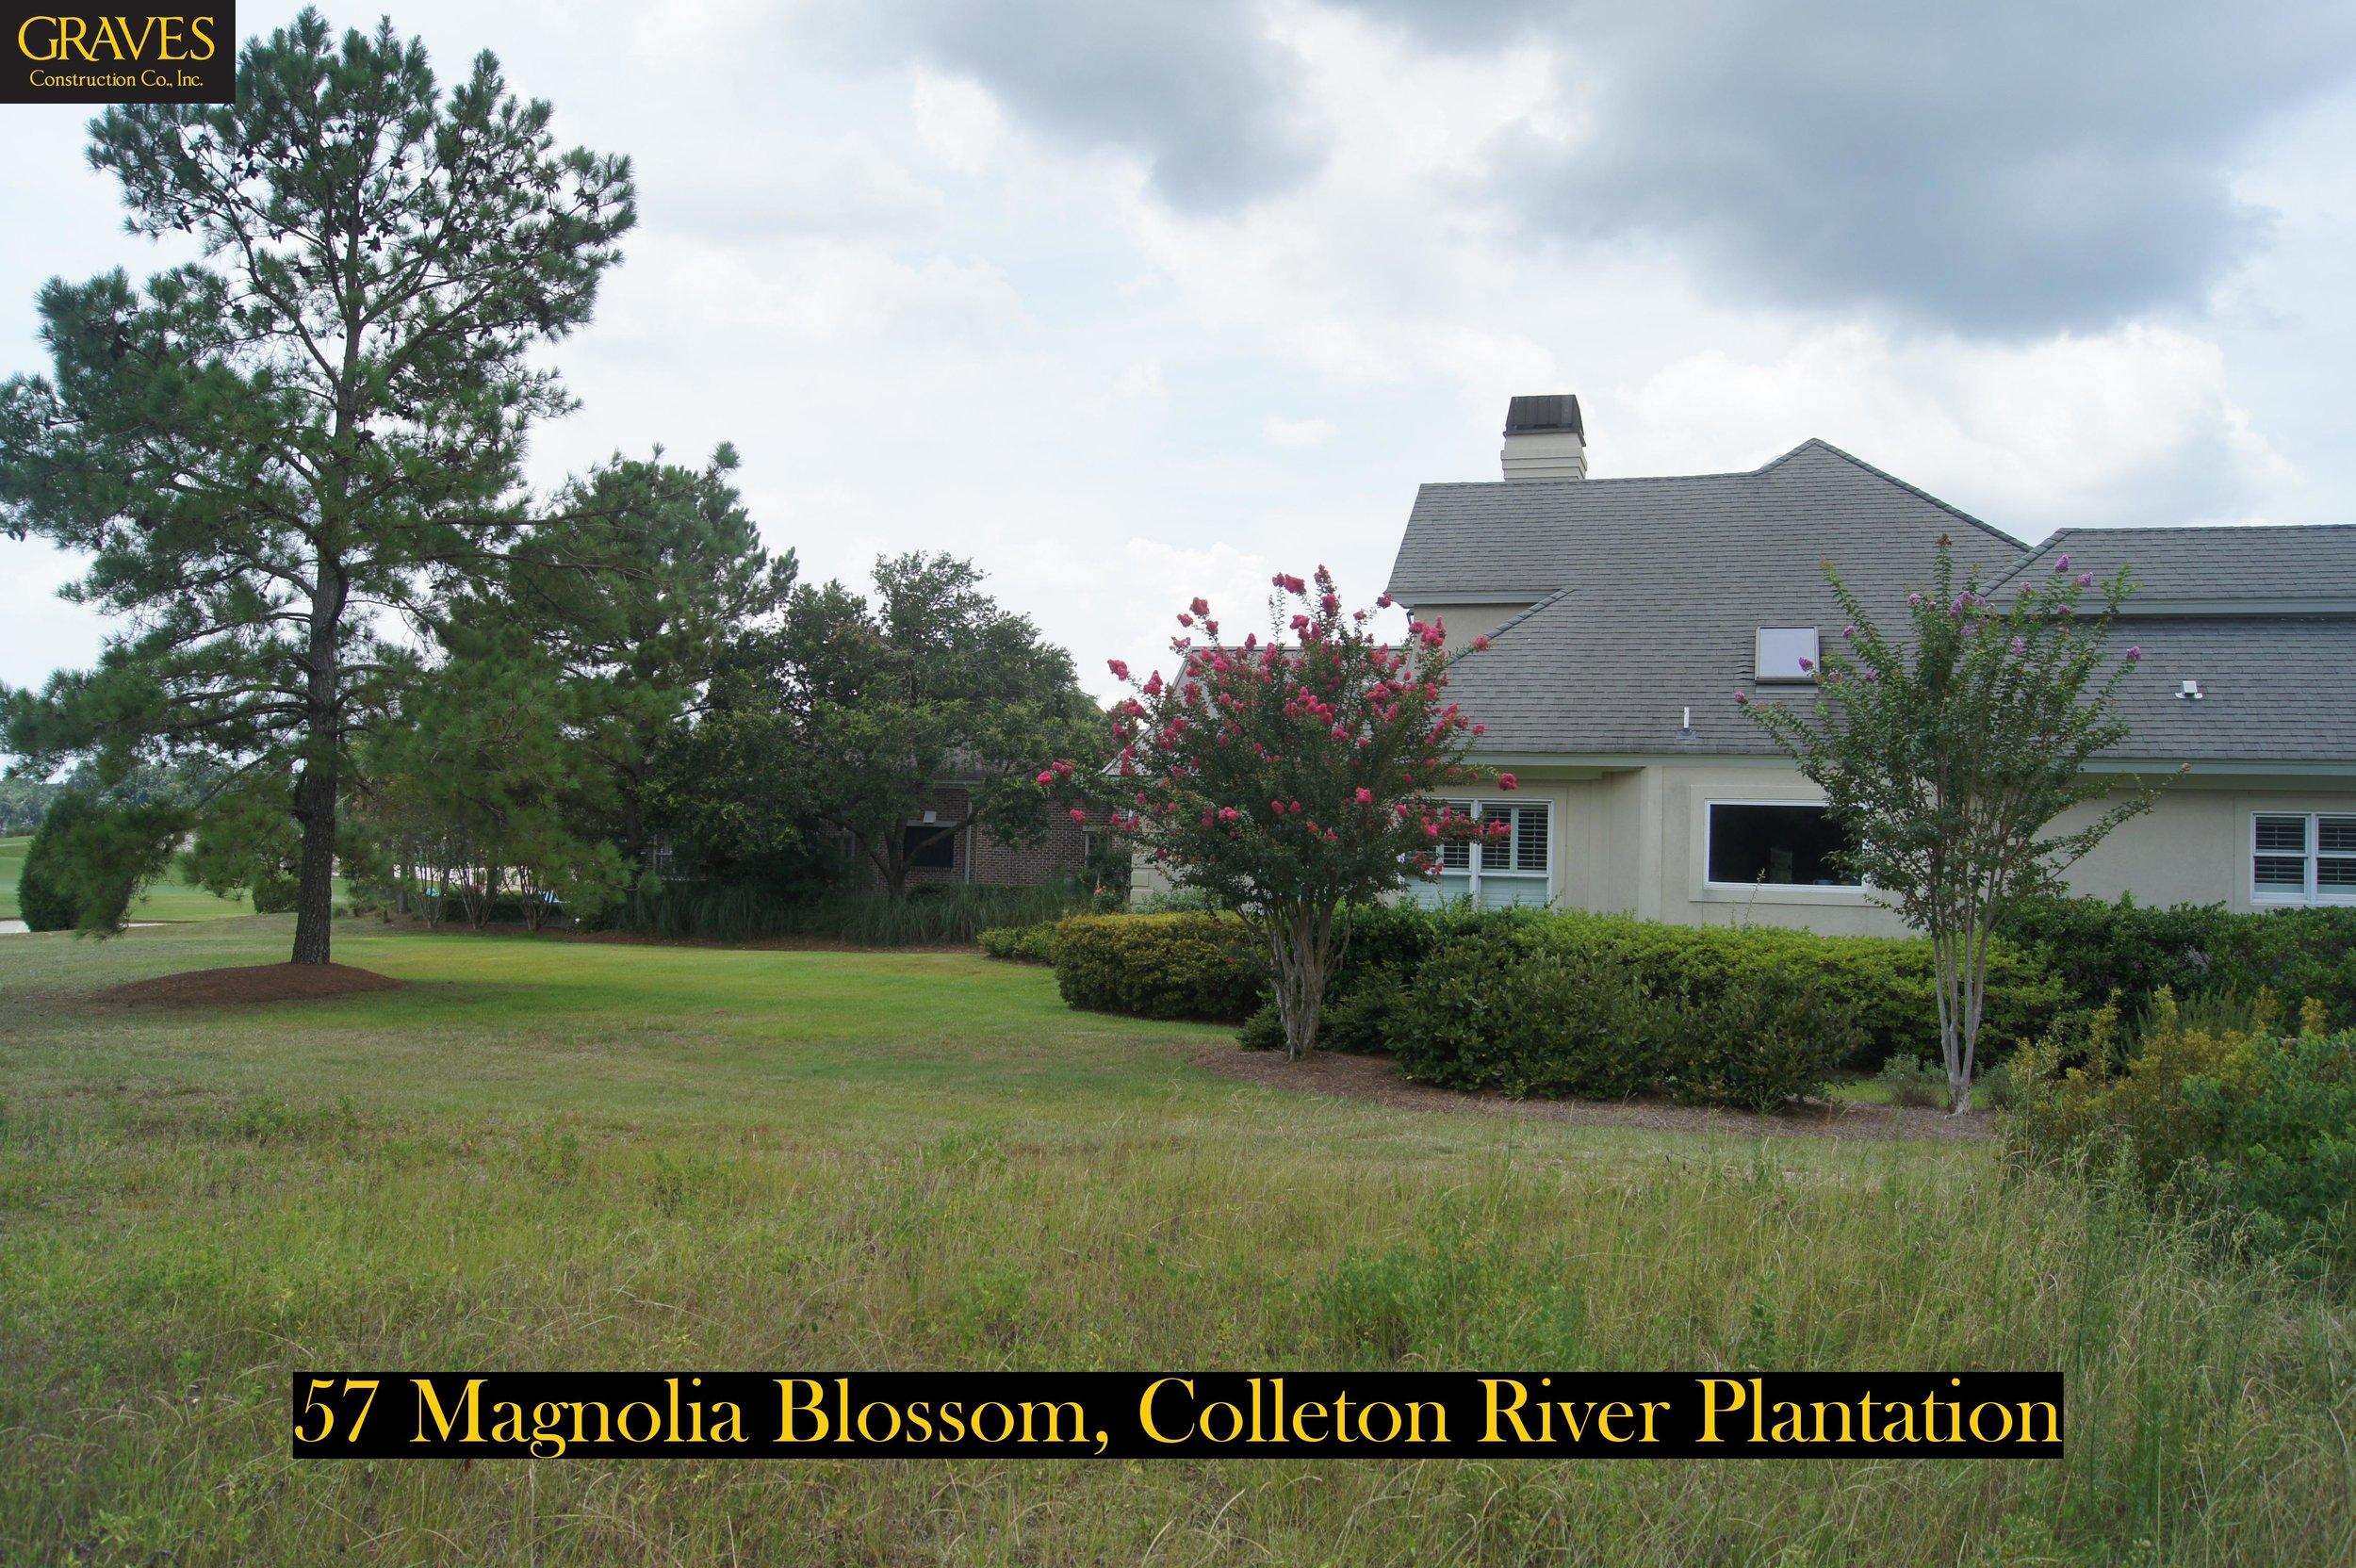 57 Magnolia Blossom - 5